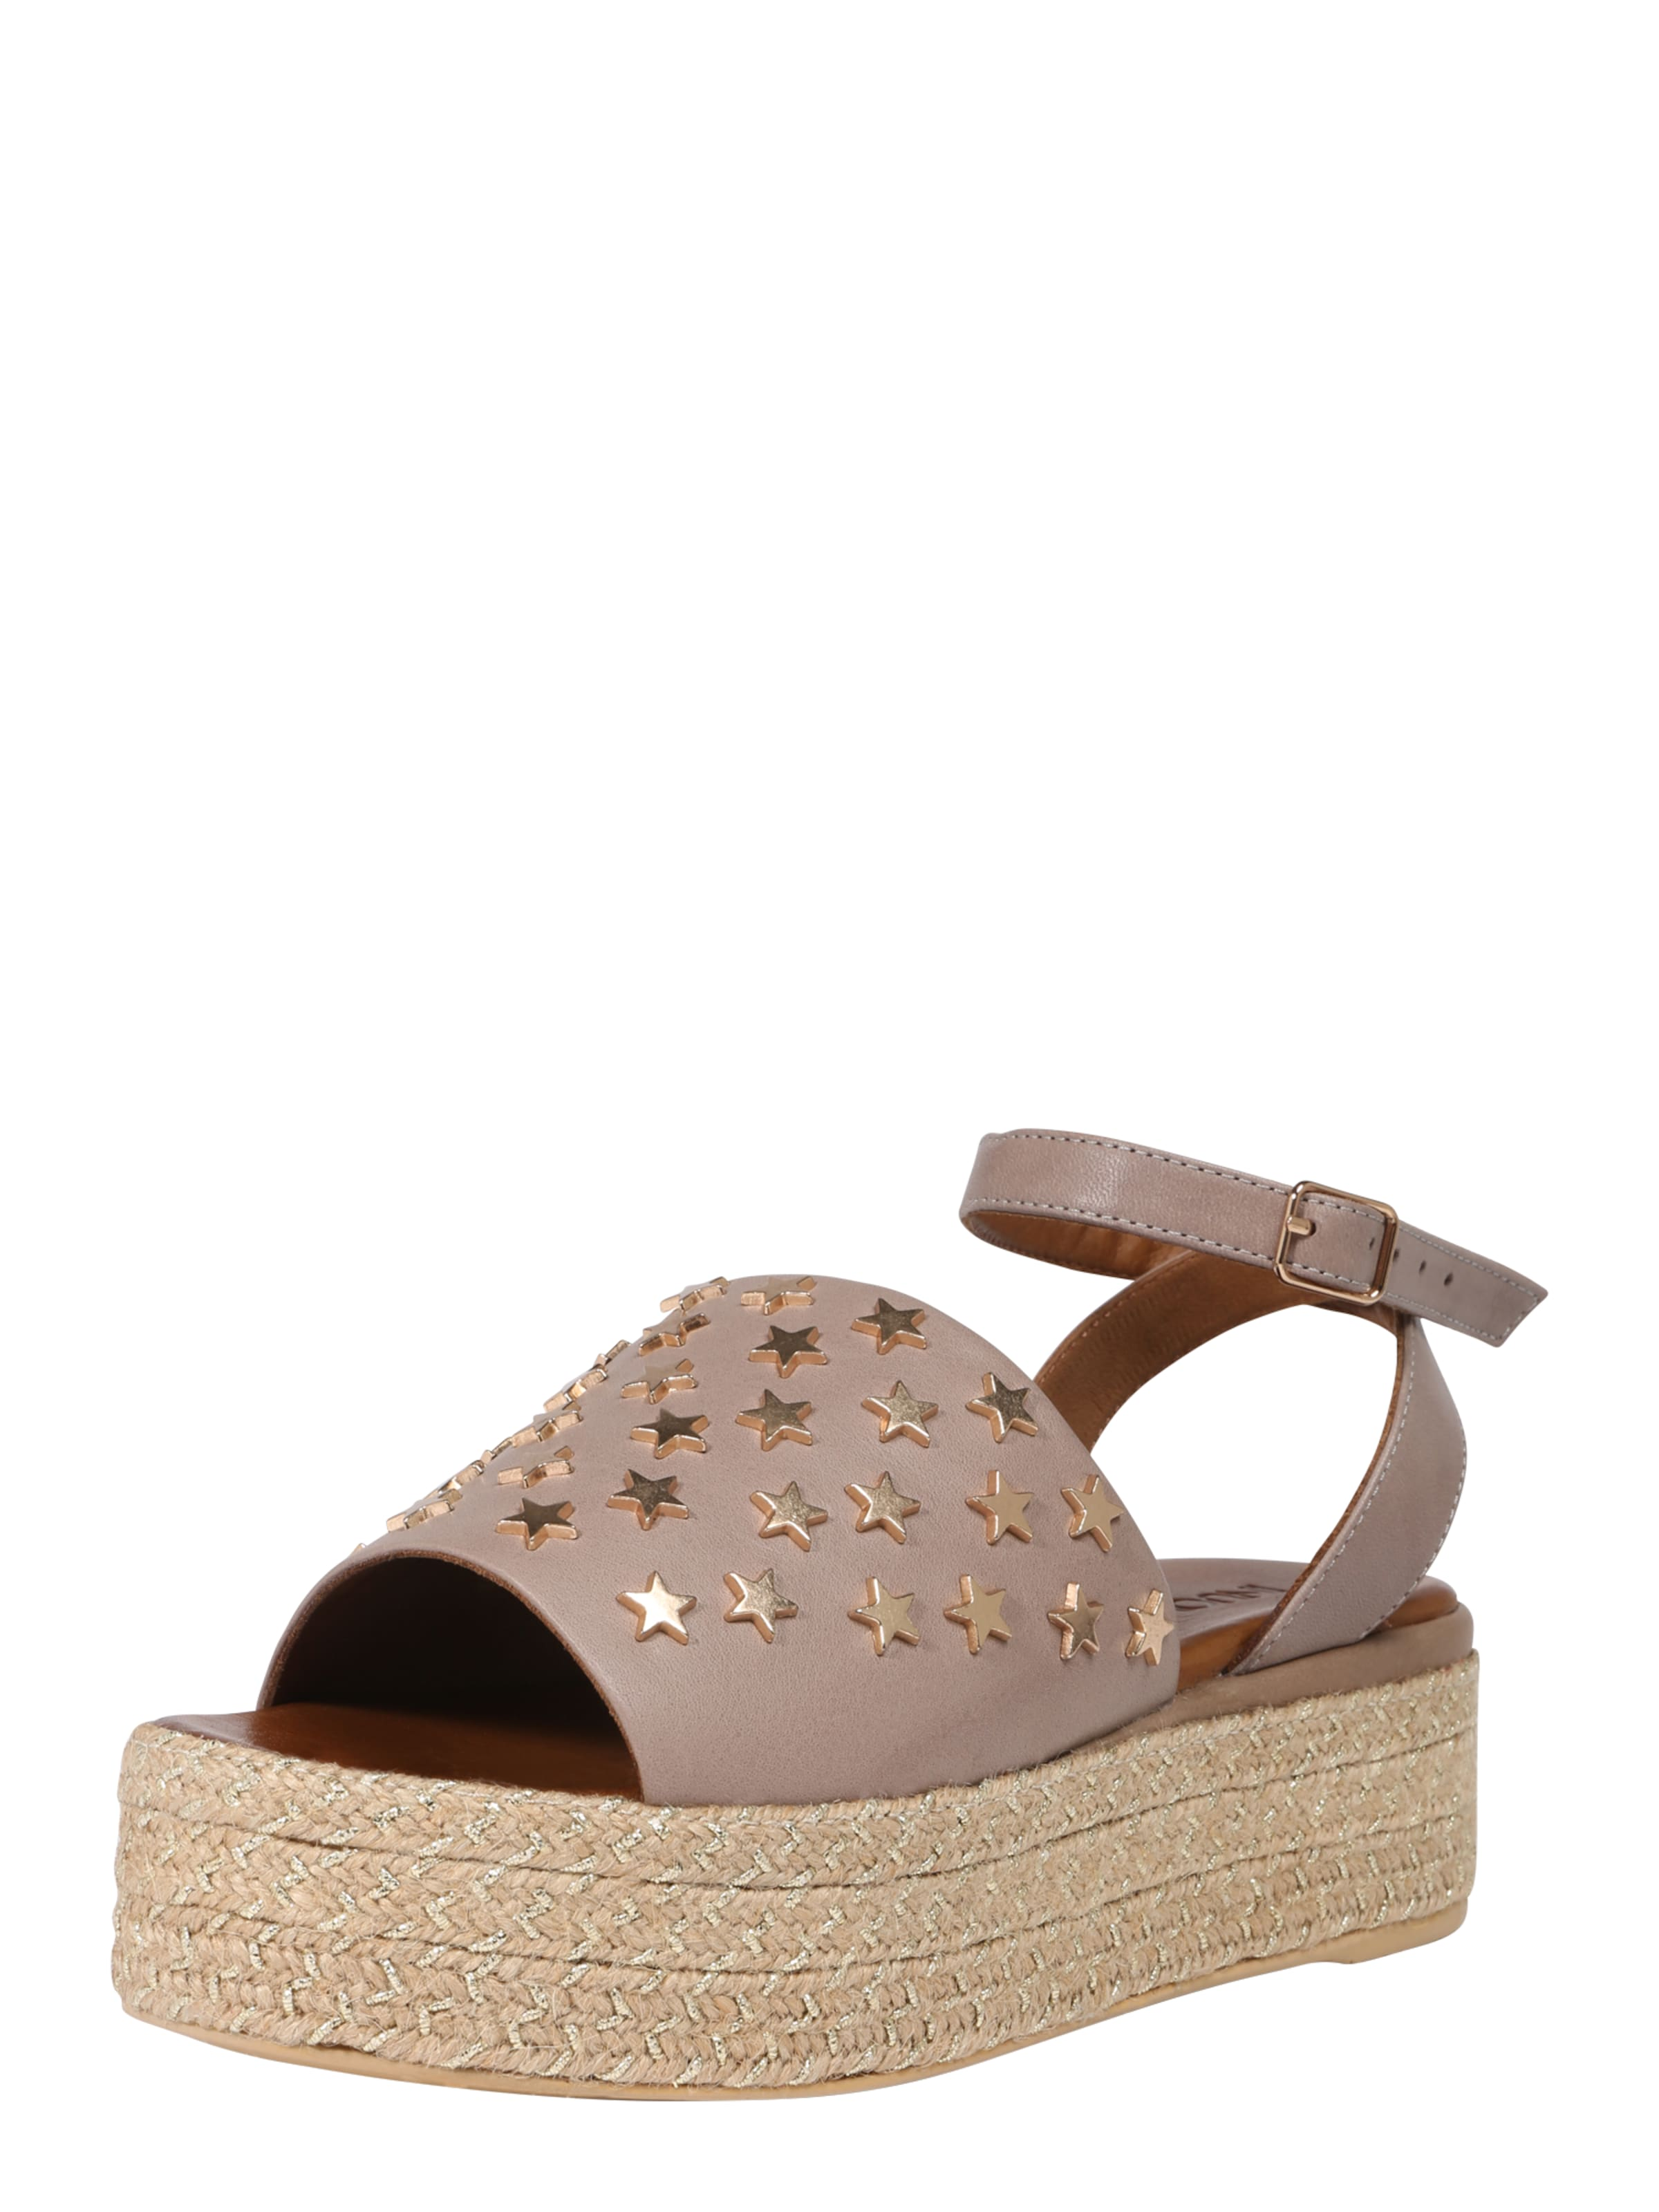 INUOVO Sandalen Günstige und langlebige Schuhe